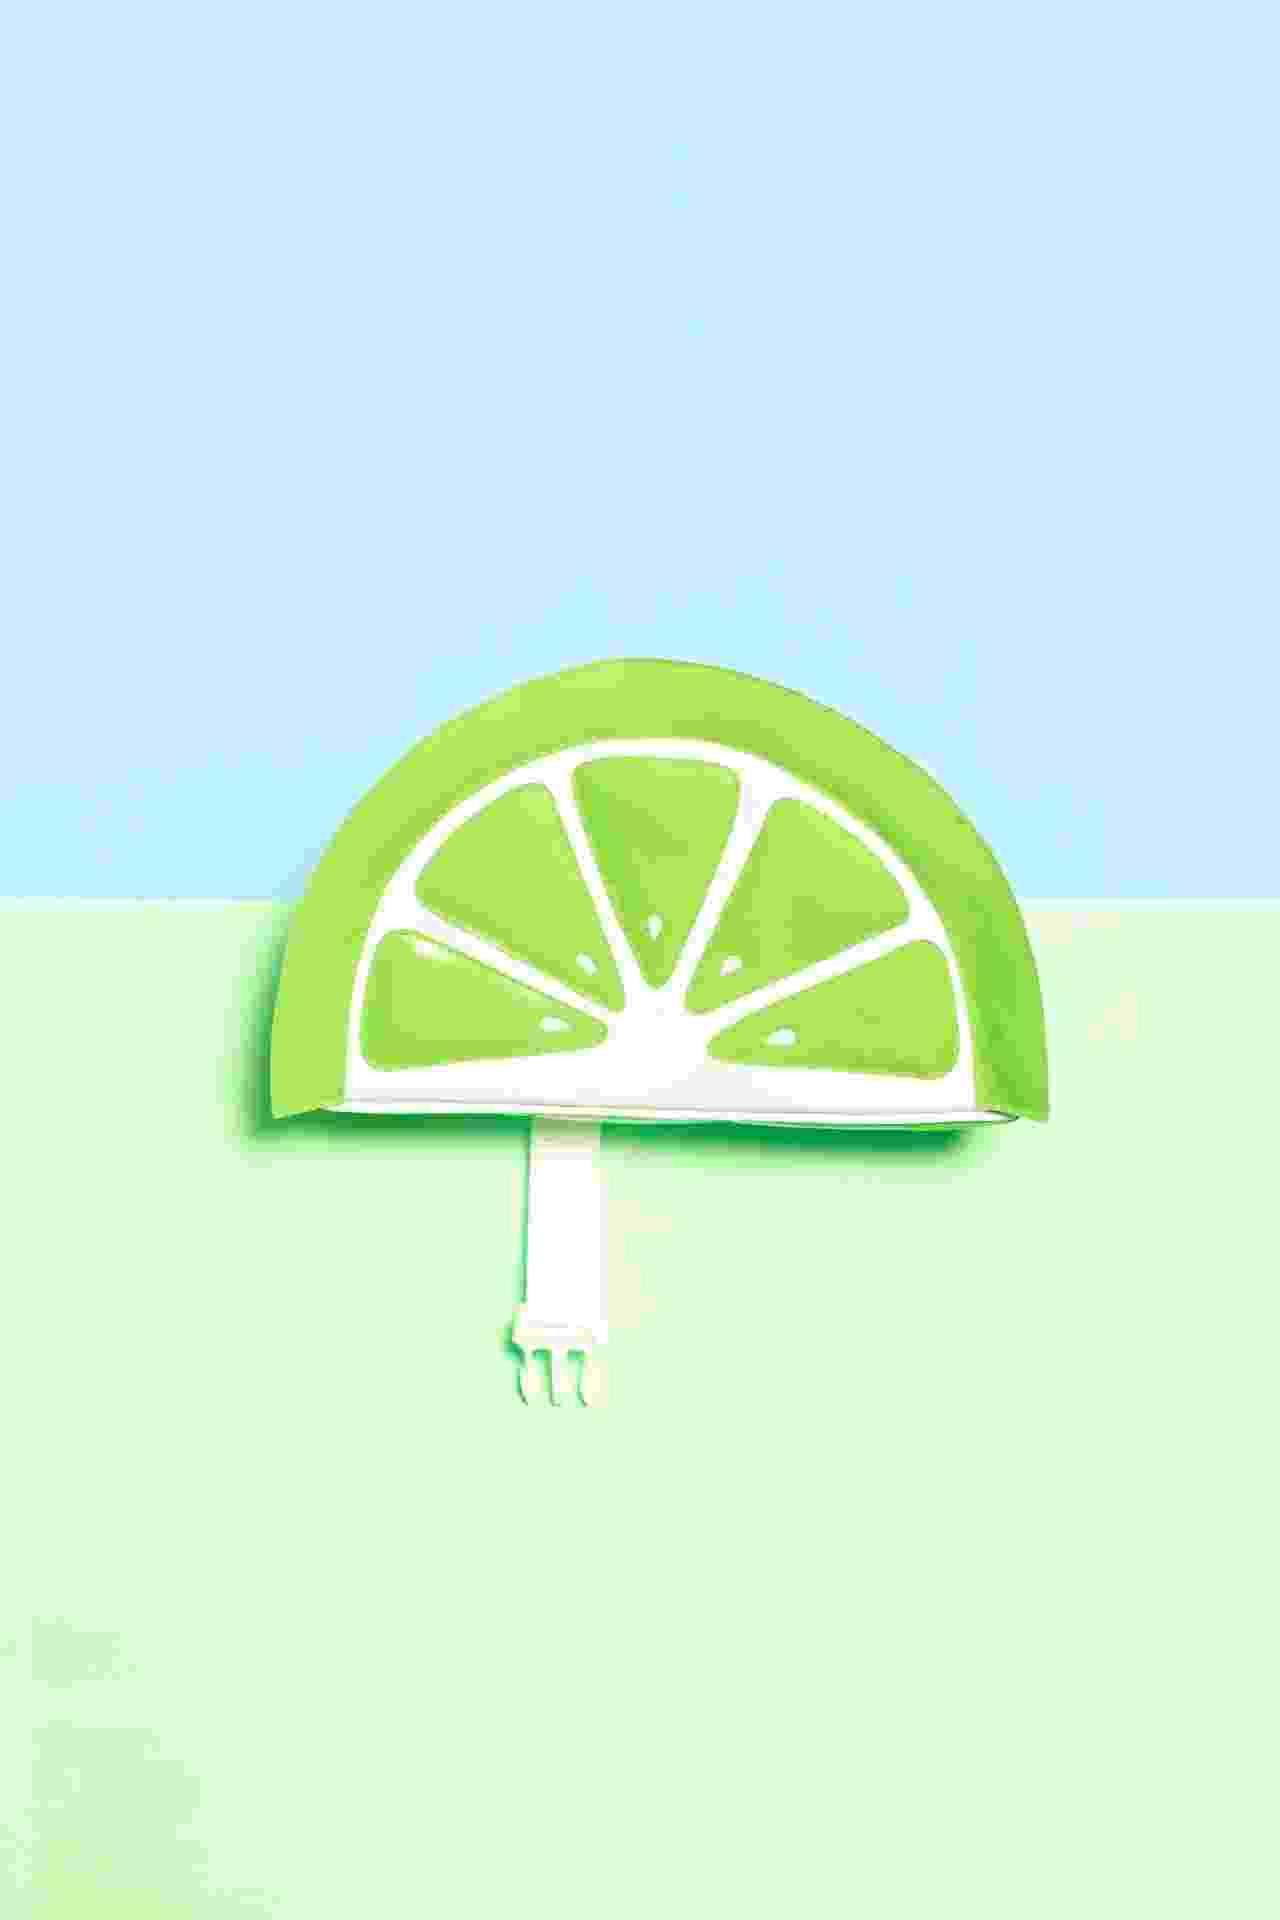 Modelo de limão, da Poch. Preço sugerido: a partir de R$ 90. Informações: www.facebook.com/pochpochetes - Divulgação